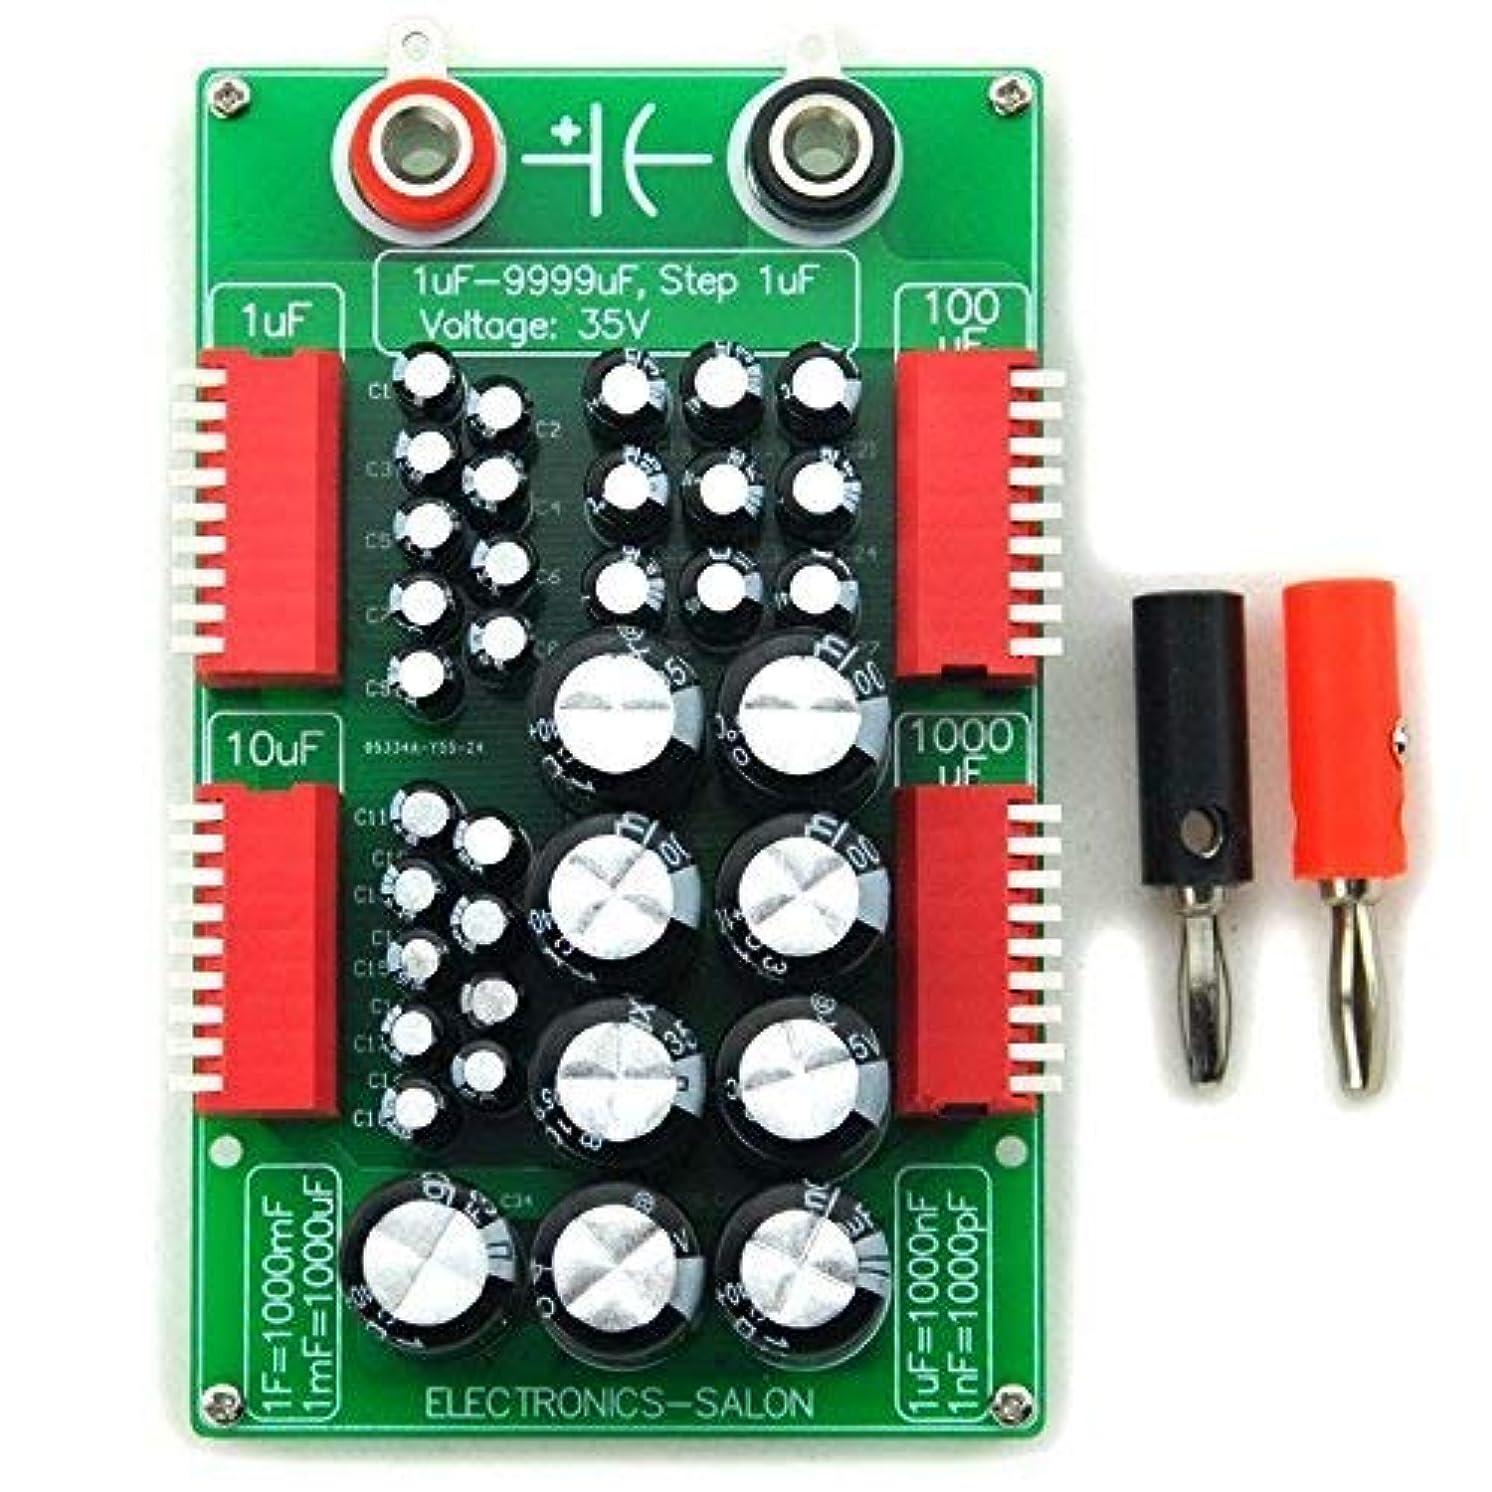 いらいらさせる下着追い越すElectronics-Salon 9999ufステップ-1μF 4十年 プログラム可能なコンデンサボードに1UF